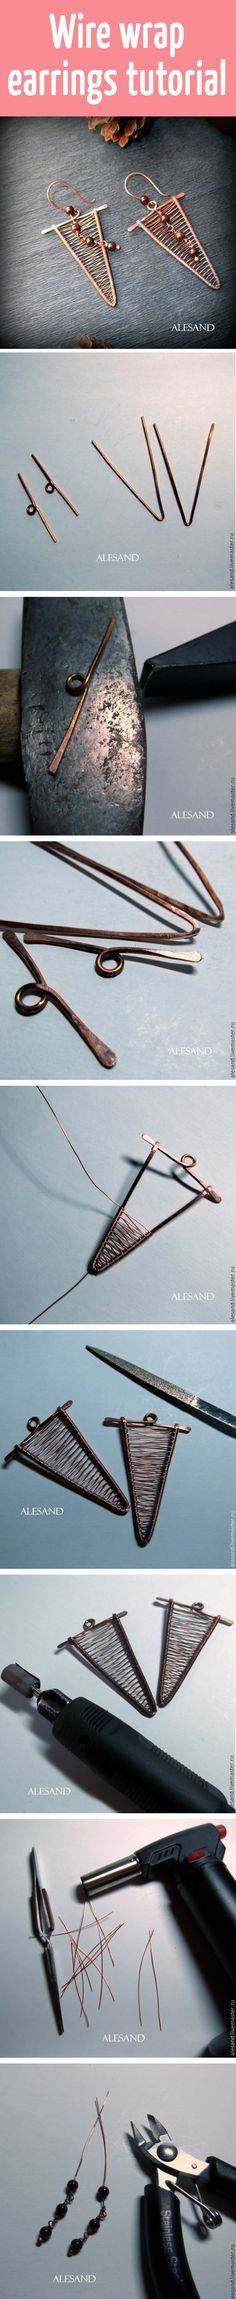 Wire wrap earrings ~ Wire Jewelry Tutorials